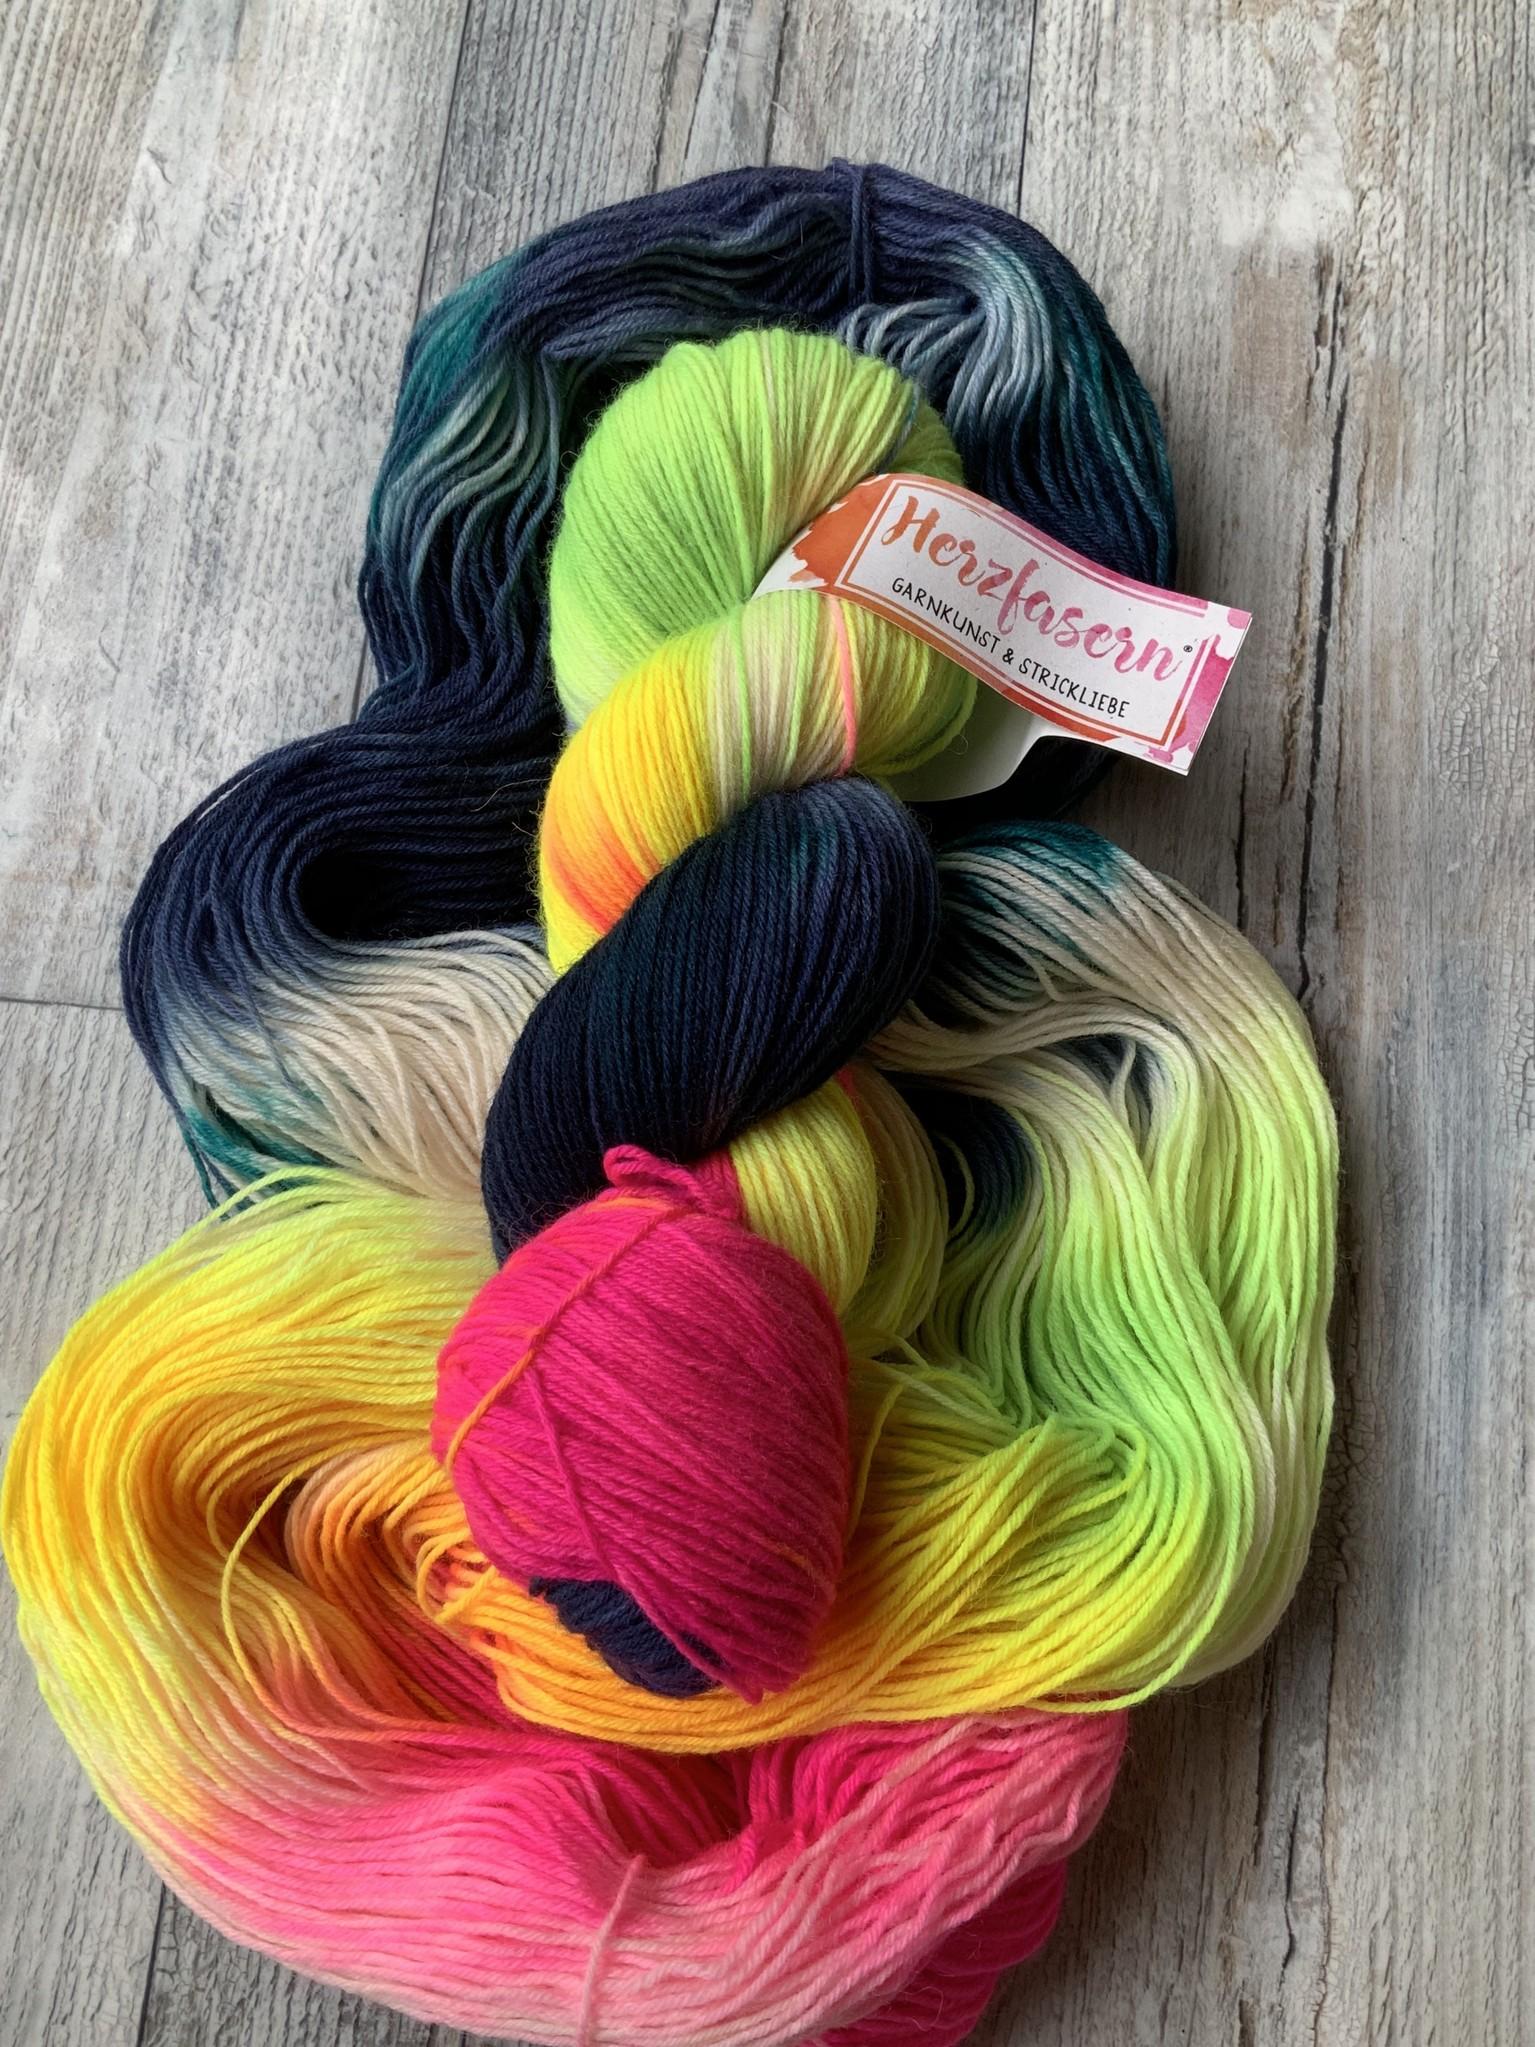 Herzfasern Sockenwolle -Farbenfroh